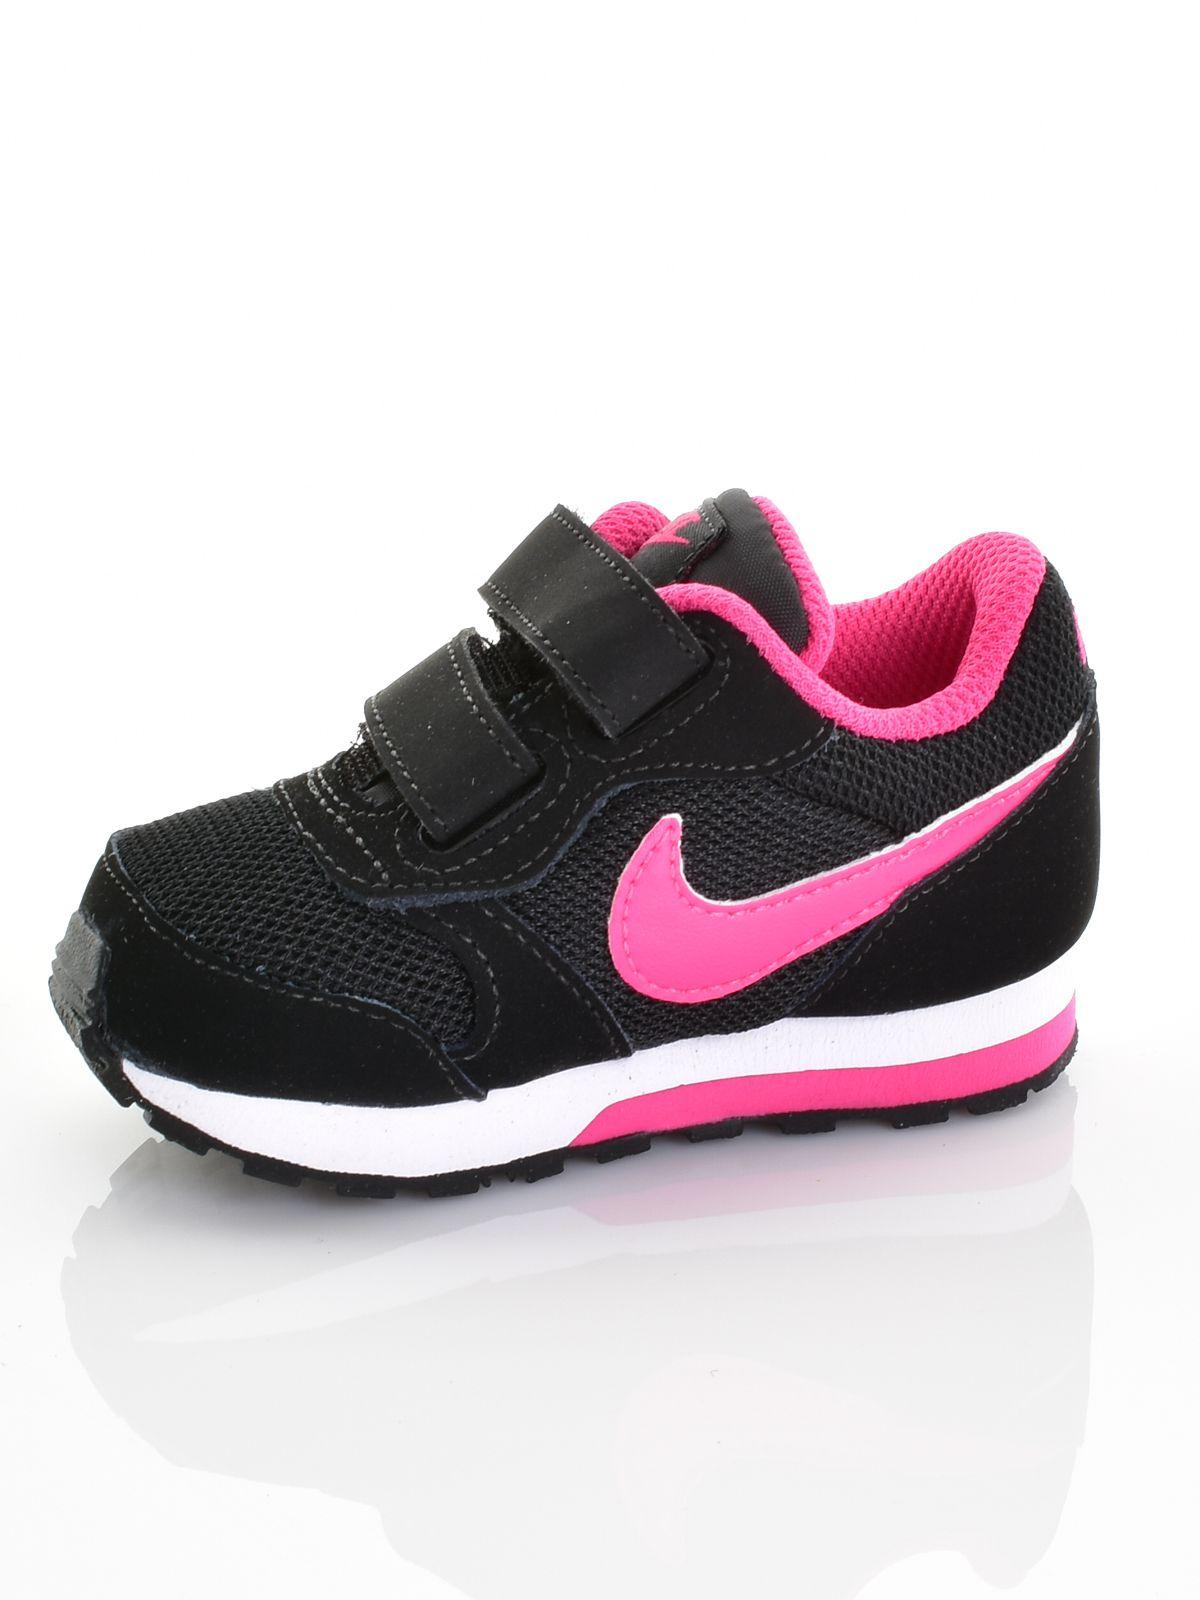 Nike bébi lány cipő MD Runner 2 (TD) Toddler Shoe